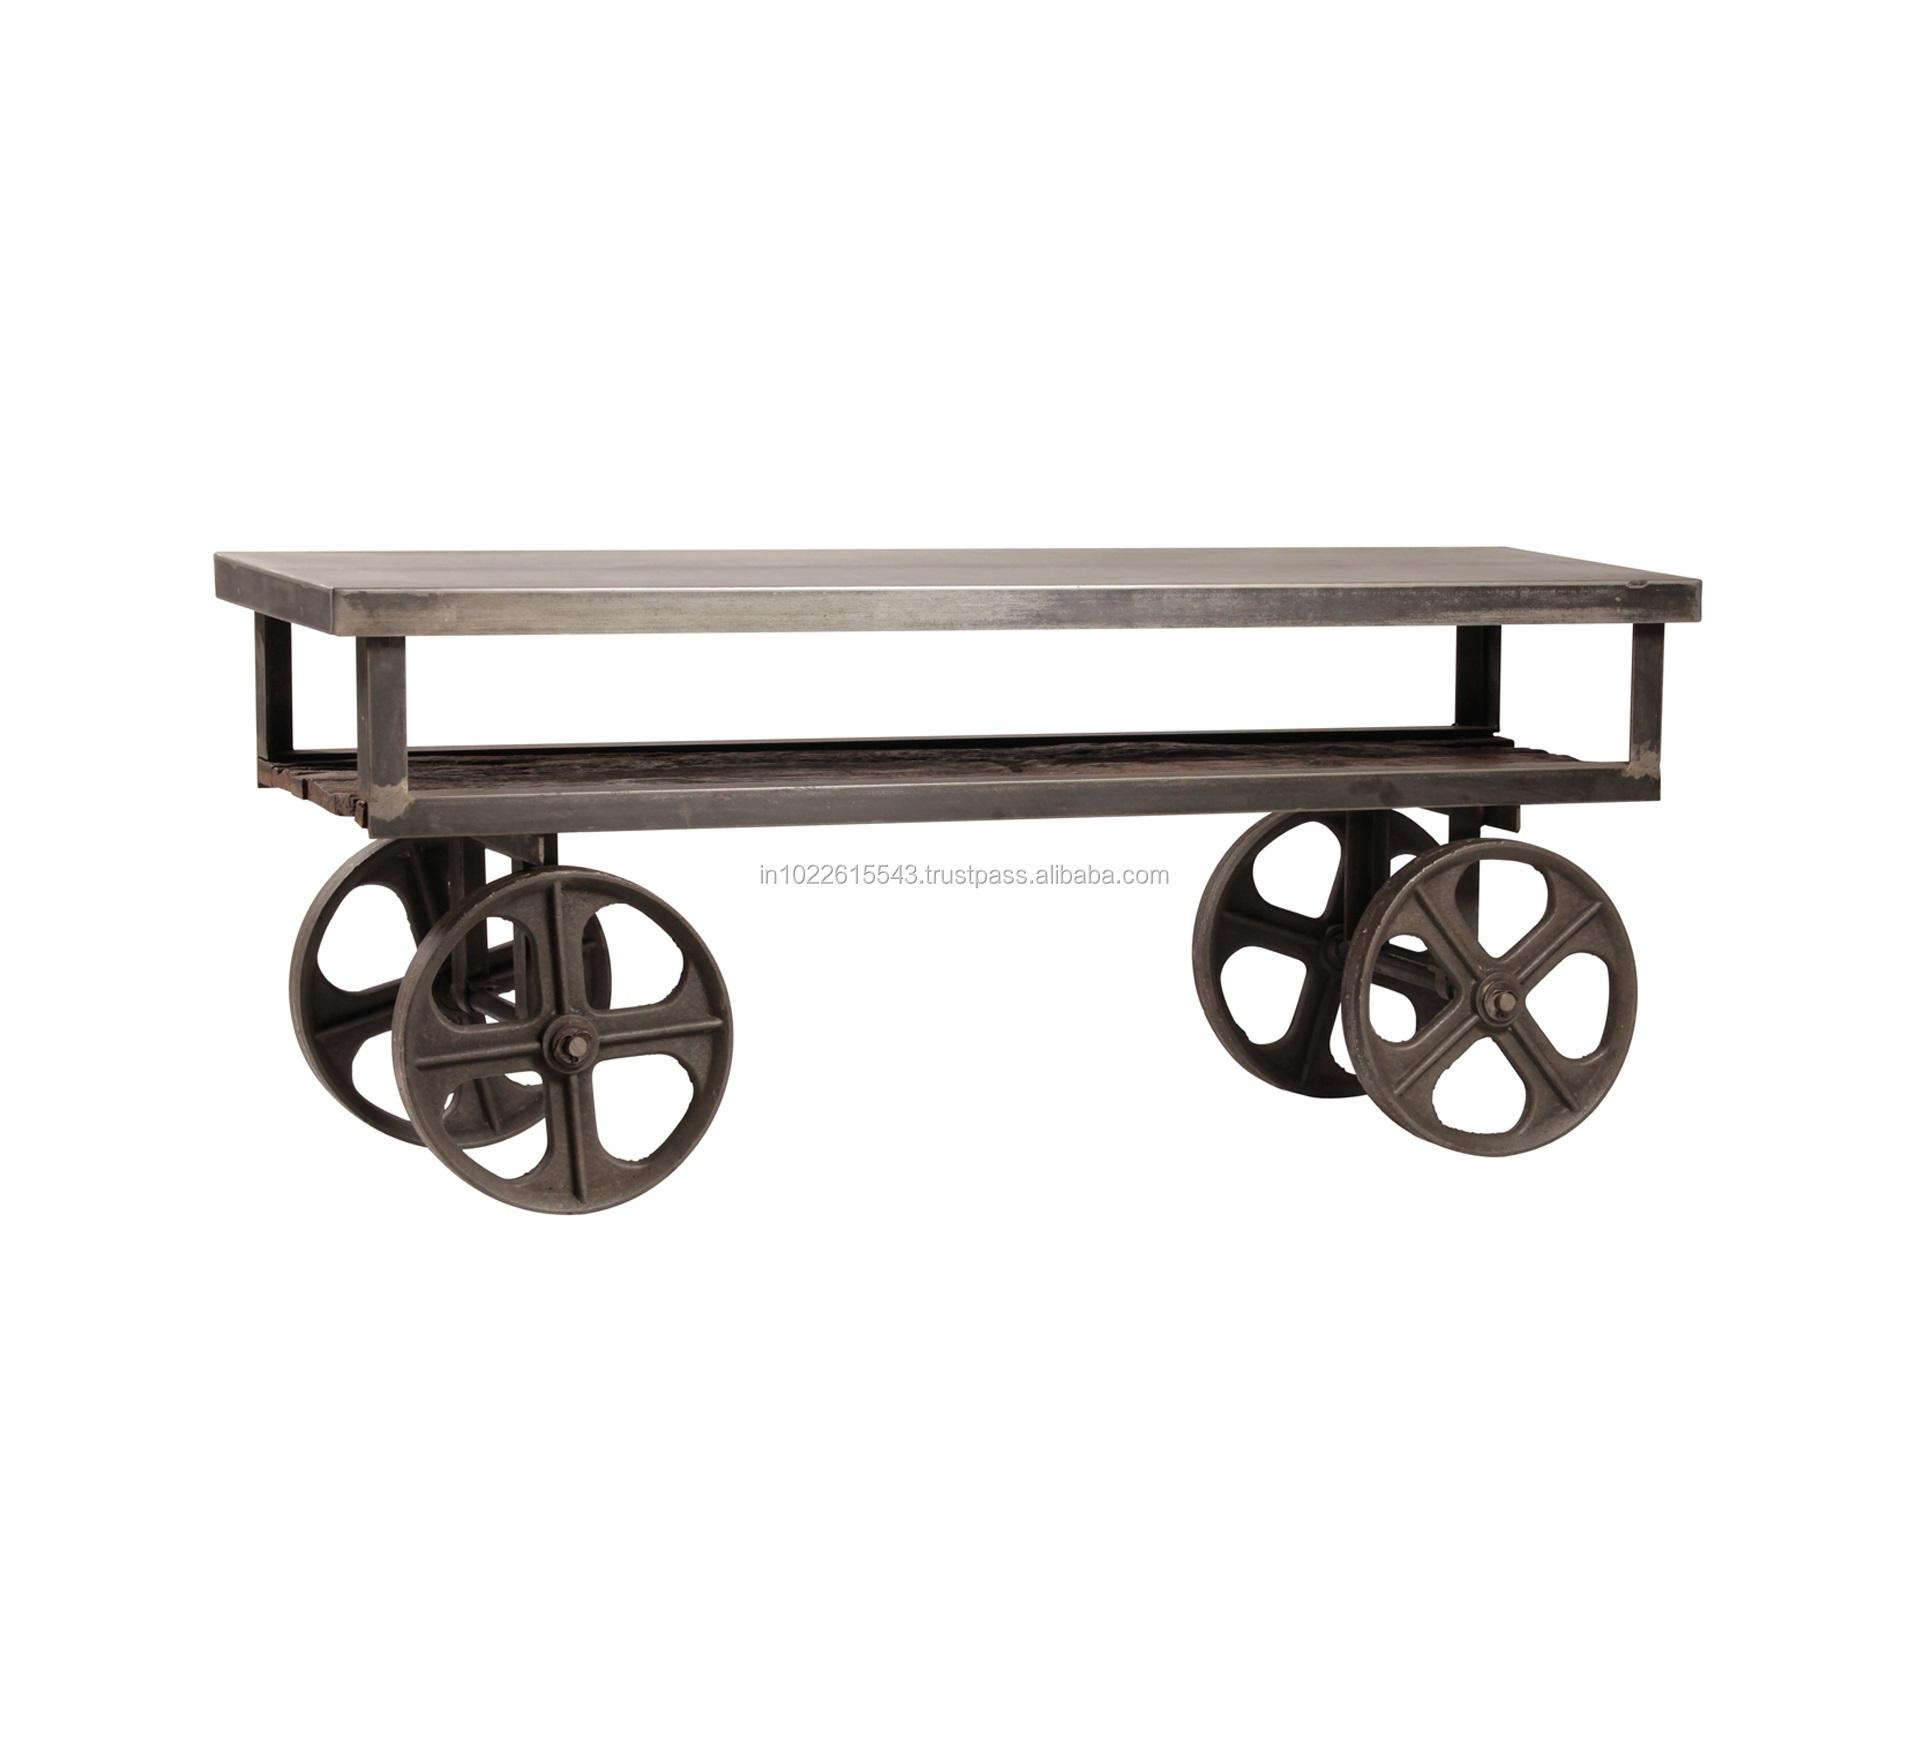 Tavolino Con Le Ruote.Metallo Industriale Tavolino Con Ruote Rigenerata Legno E Ferro